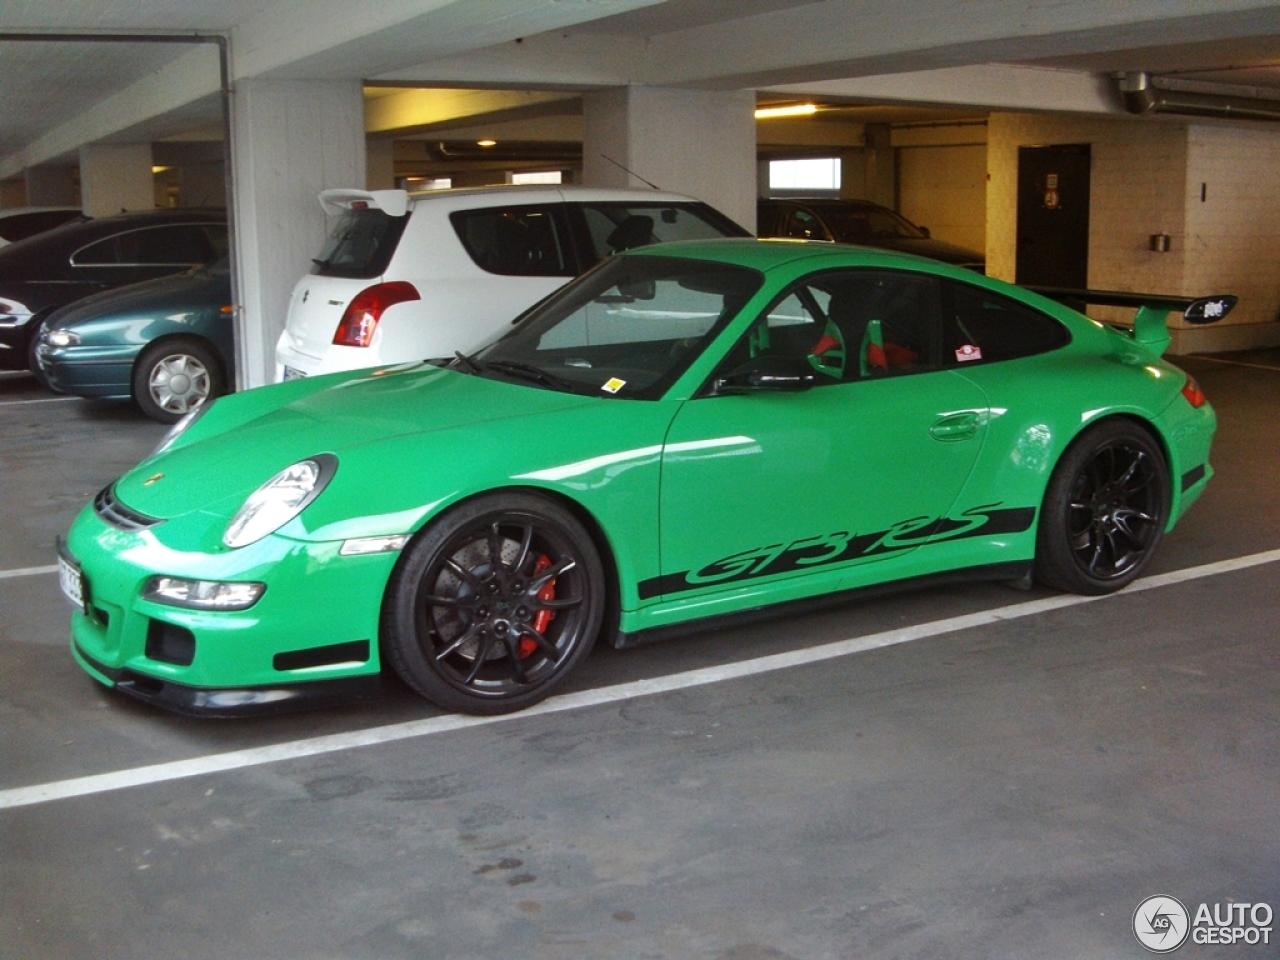 Porsche 997 Gt3 Rs Mki 14 June 2013 Autogespot